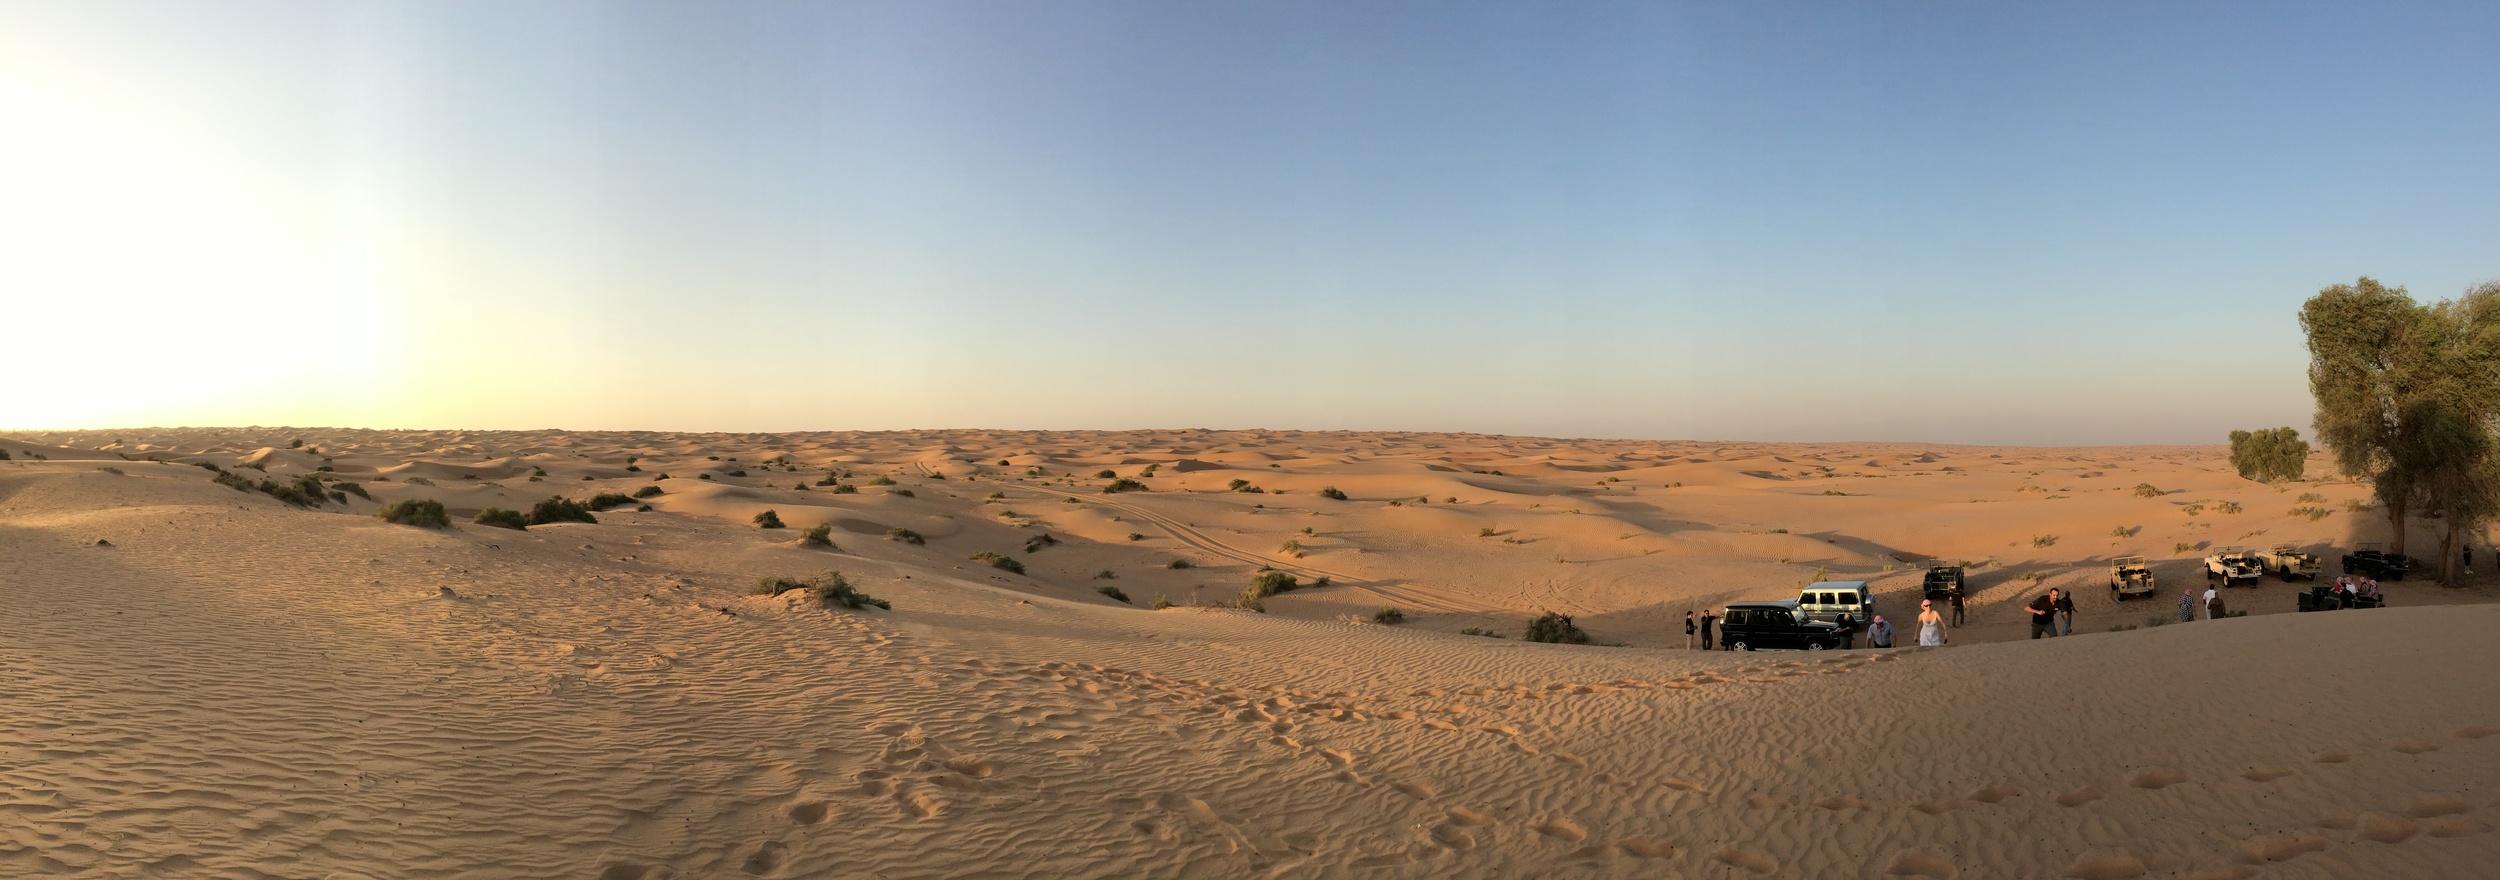 Wüsten-Pano